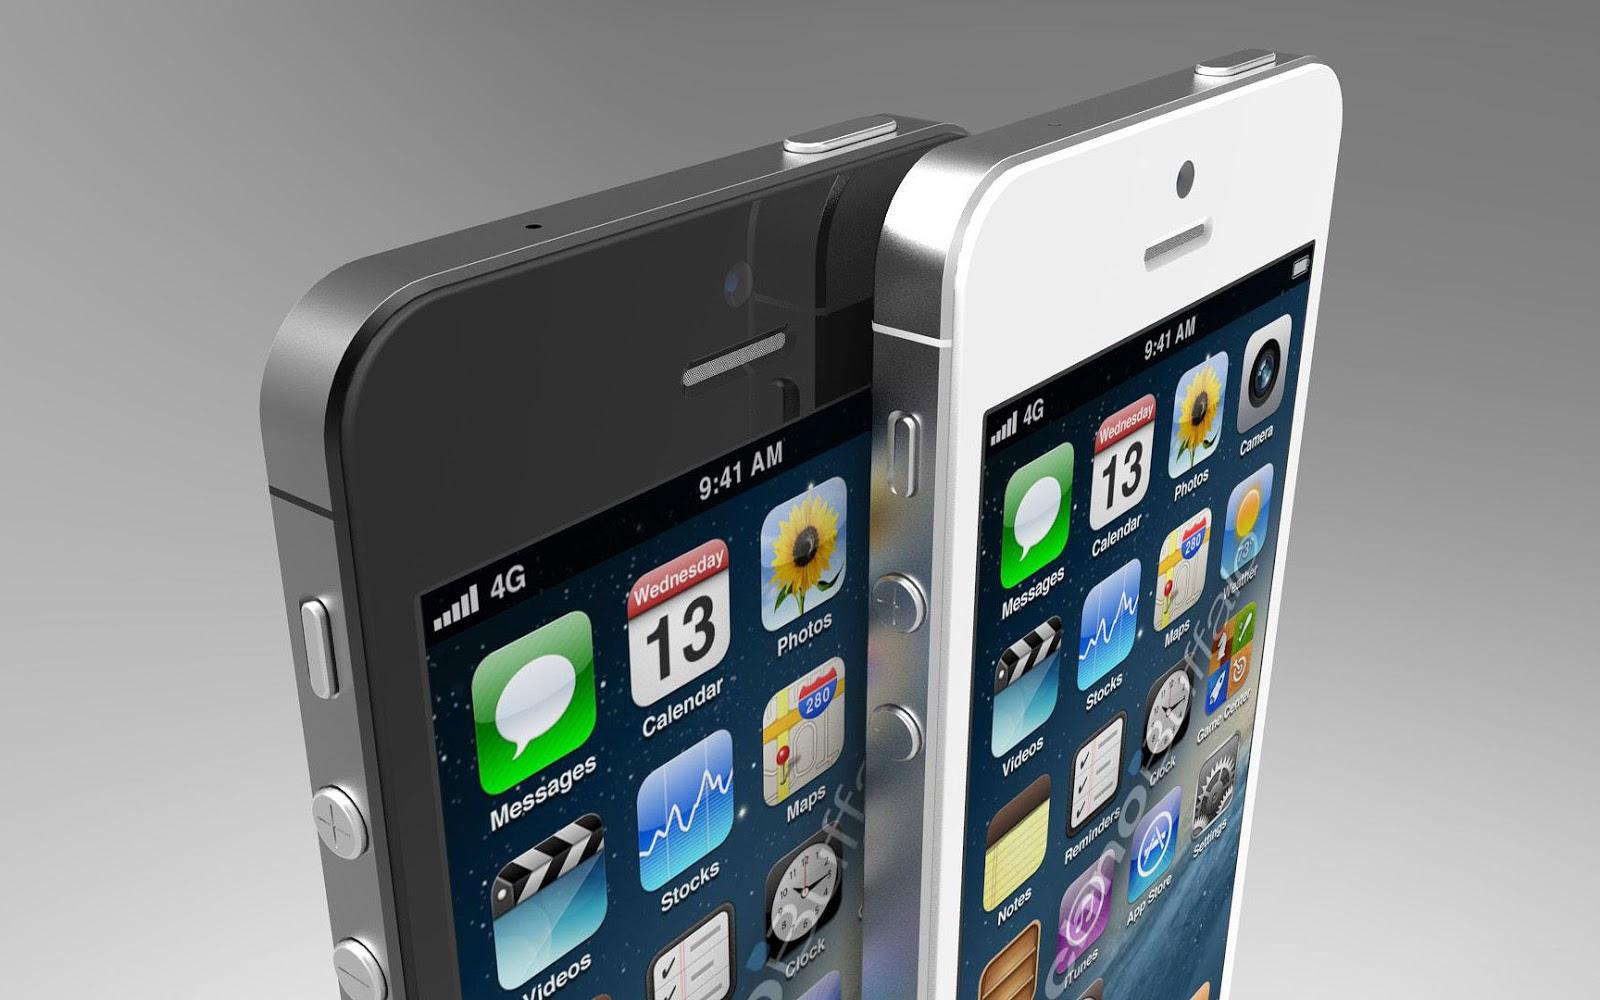 http://4.bp.blogspot.com/-F6brIIK3owI/UIf5w7SBpXI/AAAAAAAAH3I/5TLyTxLEKeY/s1600/foto-van-de-iphone-5-zwart-en-zilver-naast-elkaar-hd-iphone-5-wallpaper-voor-pc-of-mac-os-x.jpg